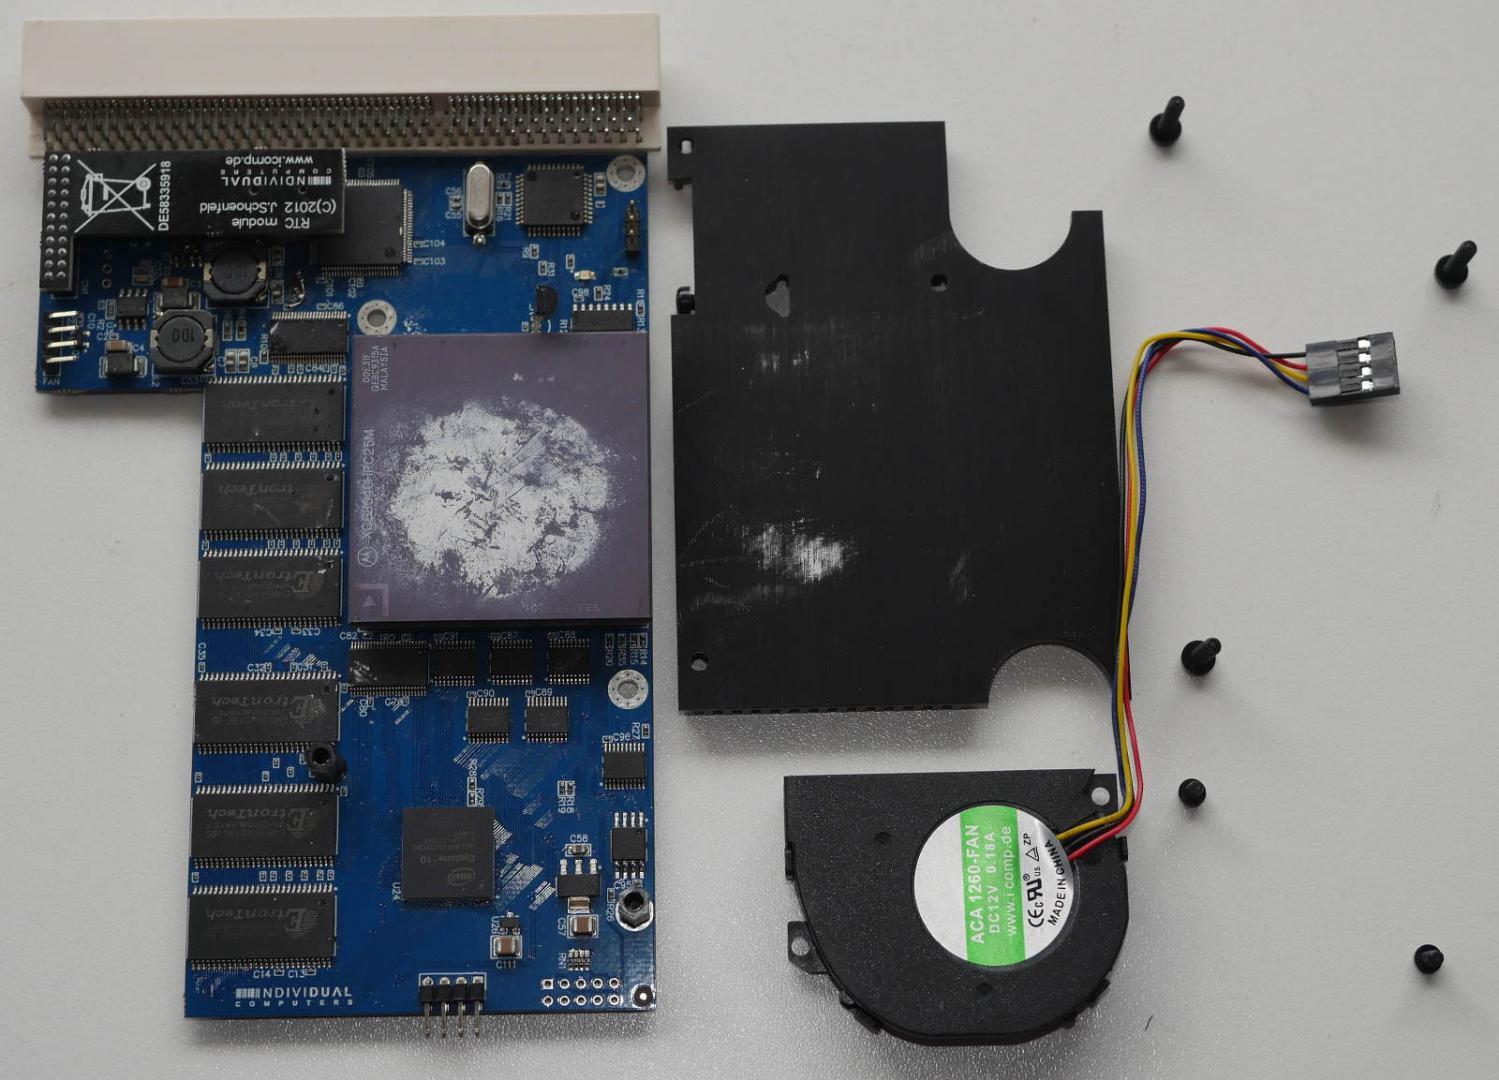 Klikněte na obrázek pro zobrazení větší verze  Název: ACA1260_Cooling_parts.jpg Zobrazeno: 69 Velikost: 167,9 KB ID: 9937